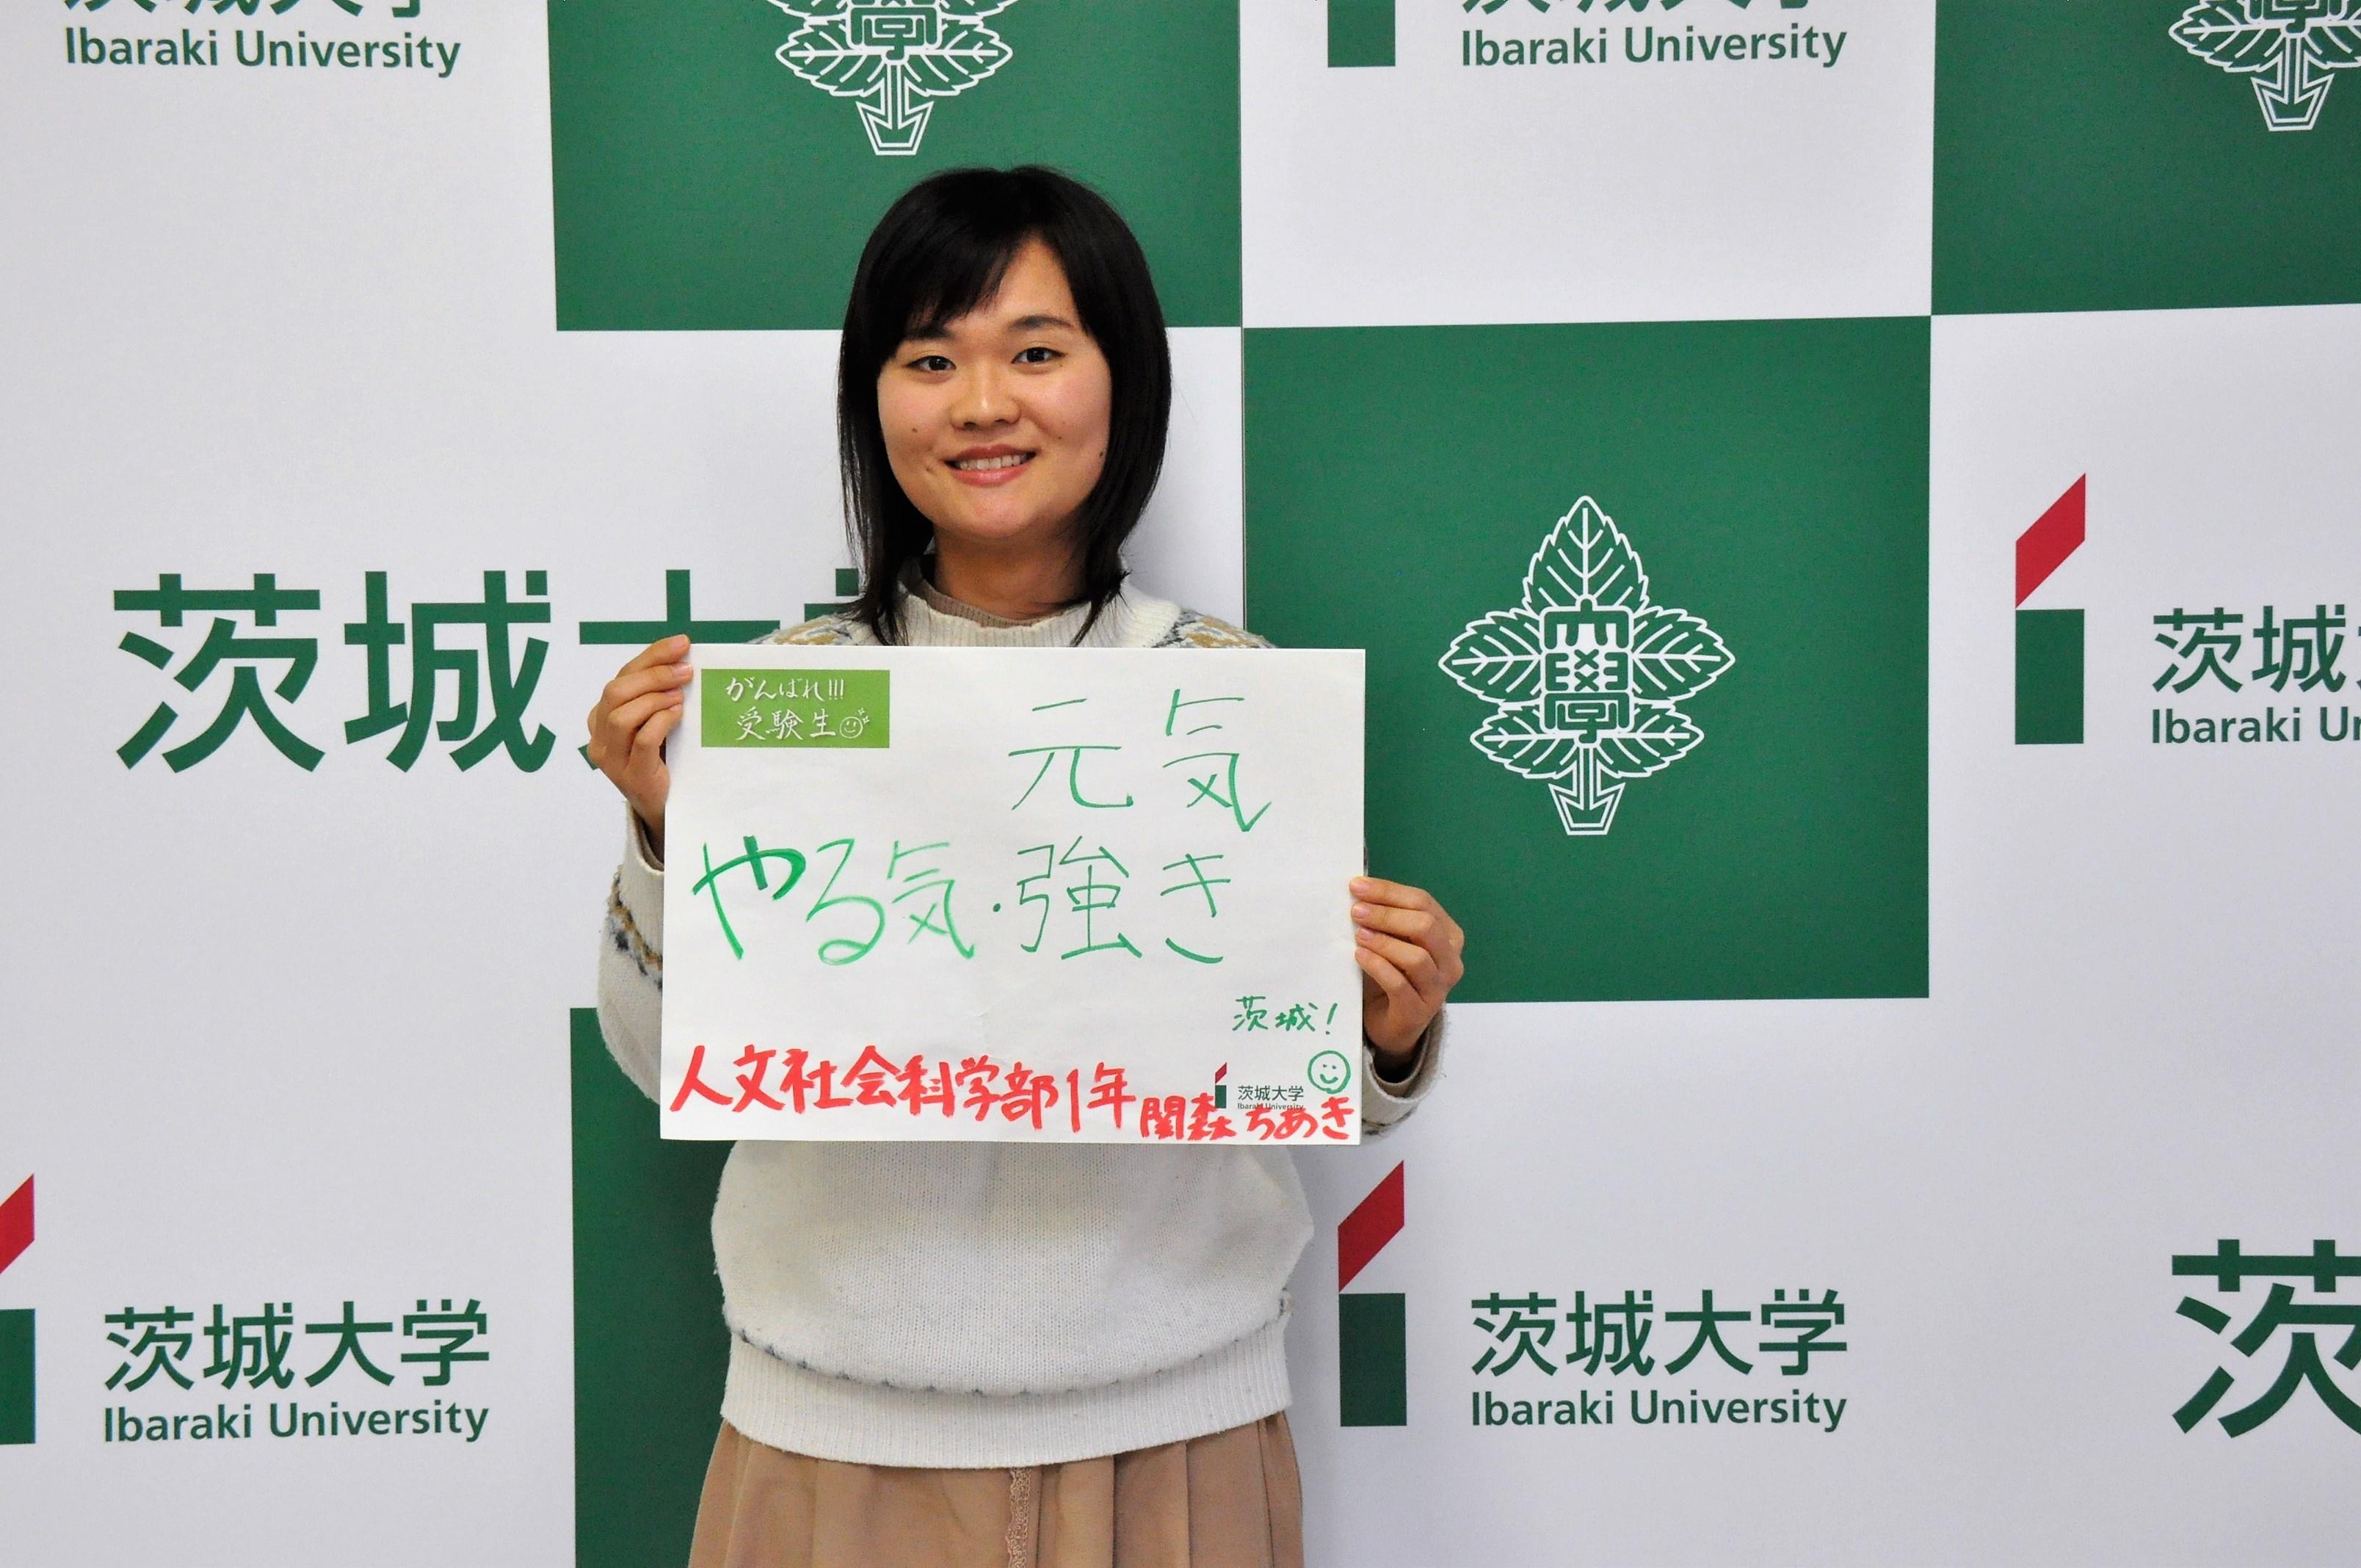 http://www.ibaraki.ac.jp/commit/2018/01/16/img/DSC_0026ibdaikh20180116_026.JPG